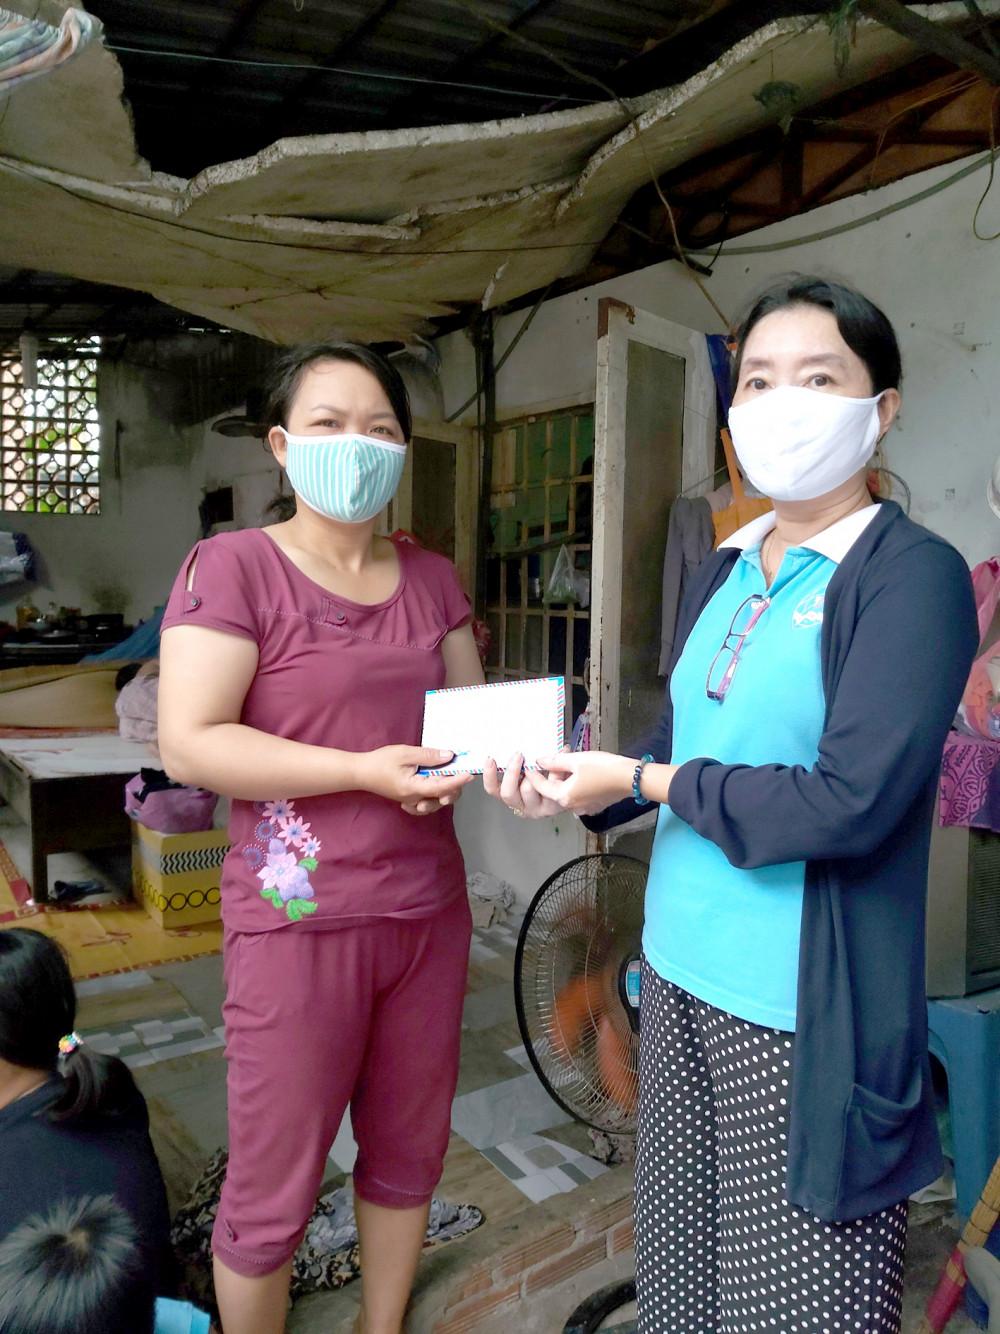 Chị Đoàn Thị Kim Ngoan (phải) - Chủ tịch Hội LHPN P.Phước Bình - trao tiền hỗ trợ nhà trọ cho chị Thái